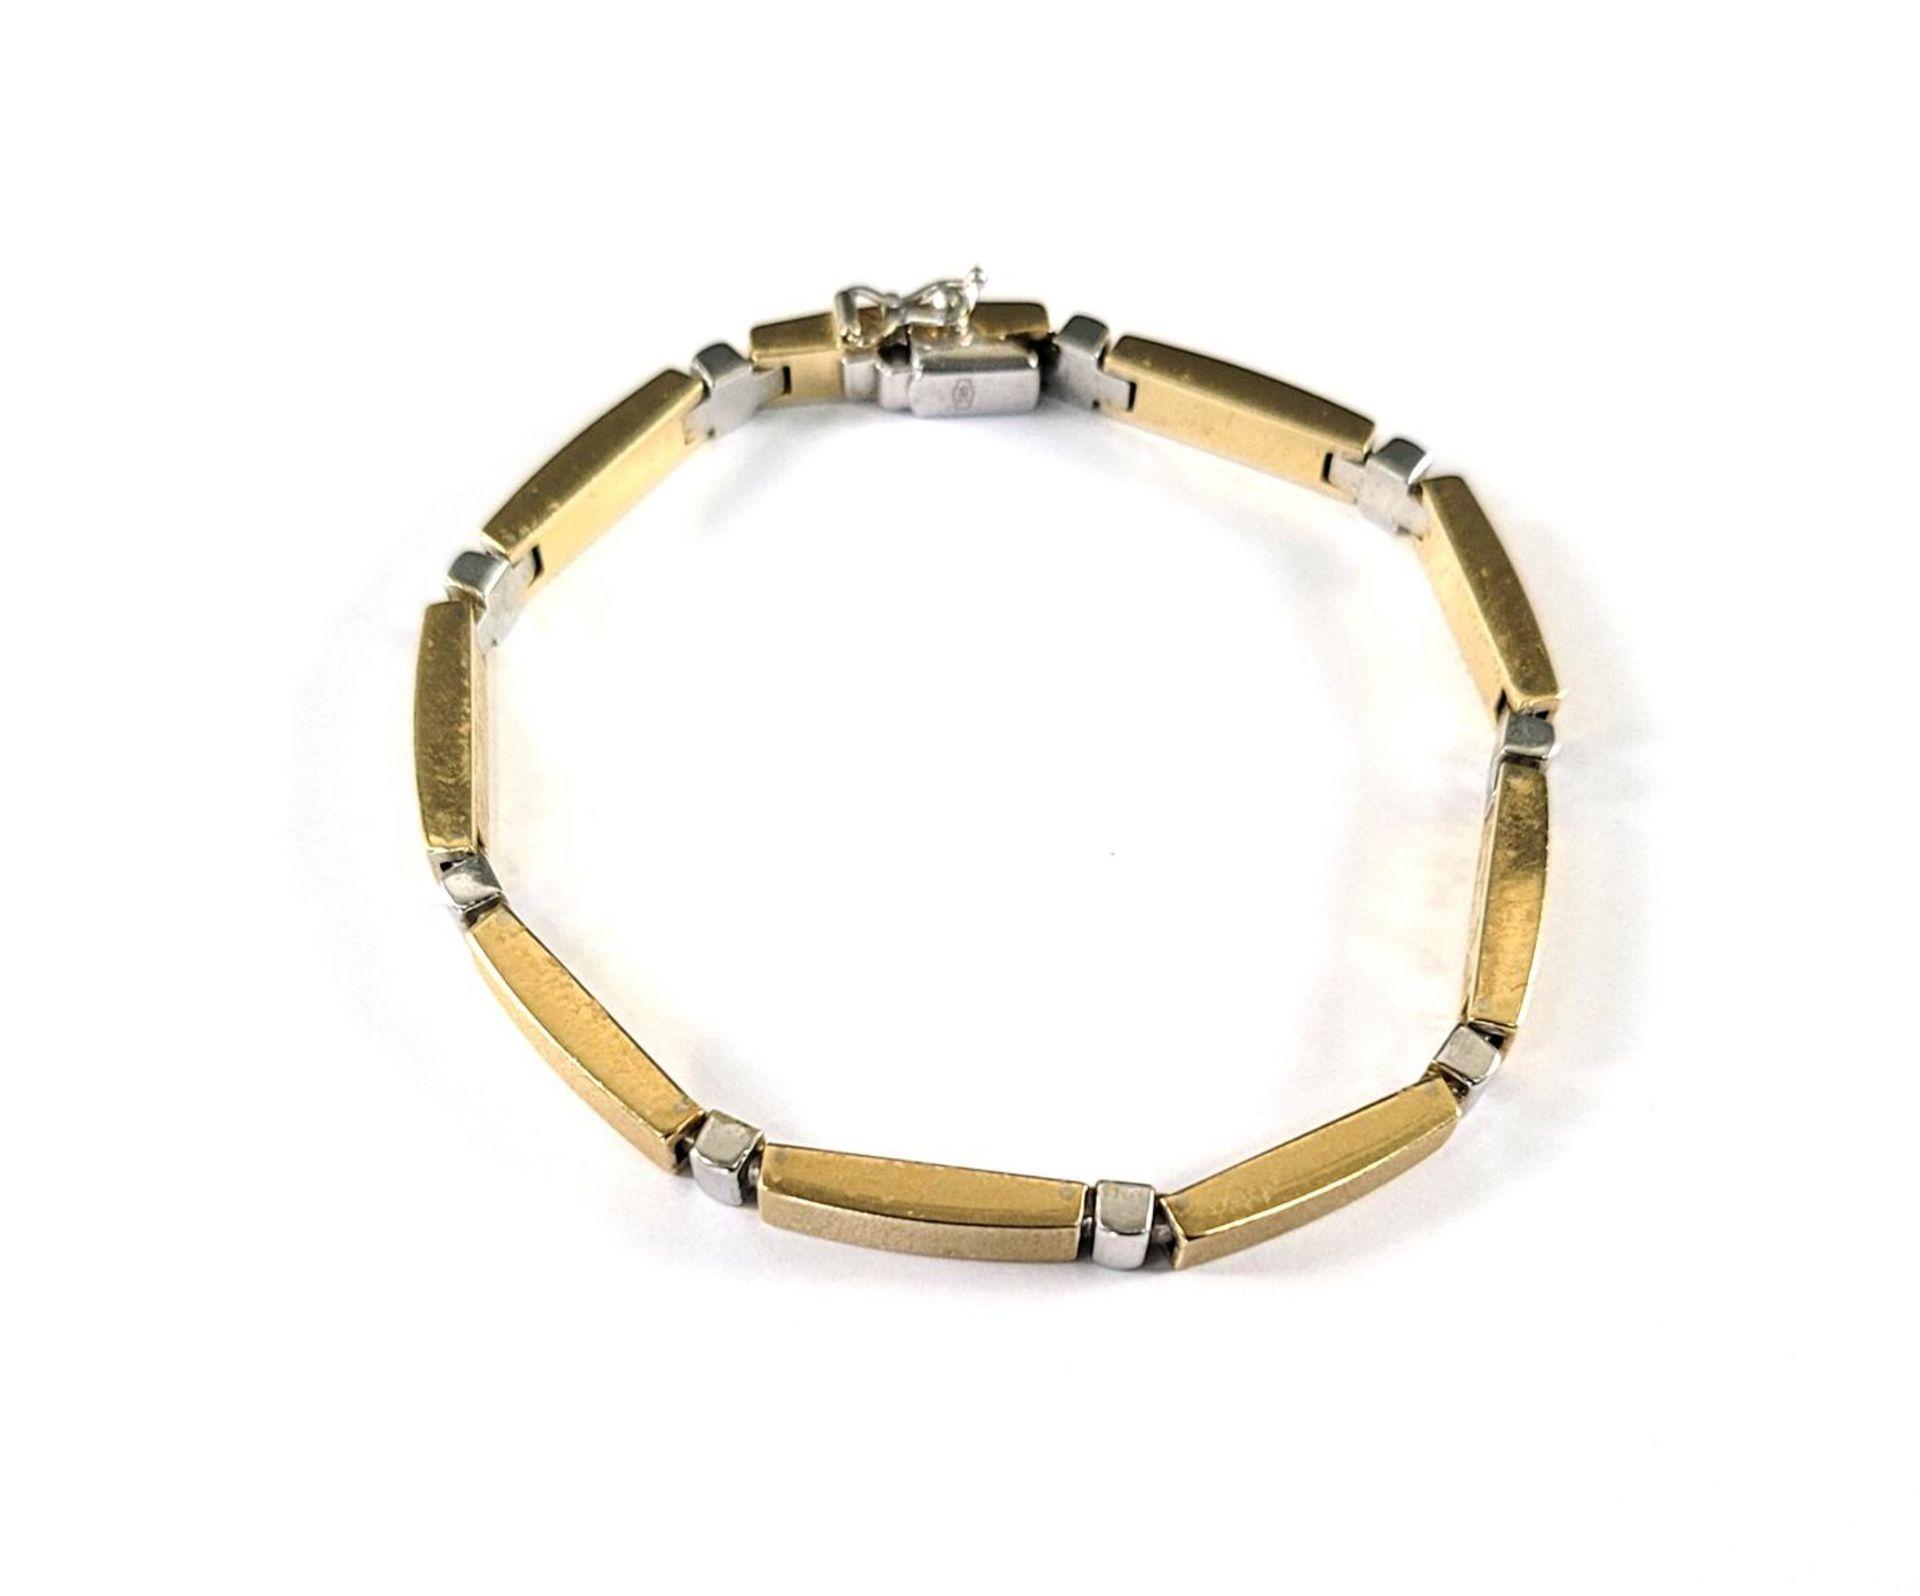 Damenarmband, 14 Karat Gelb- und Weißgold - Bild 3 aus 3